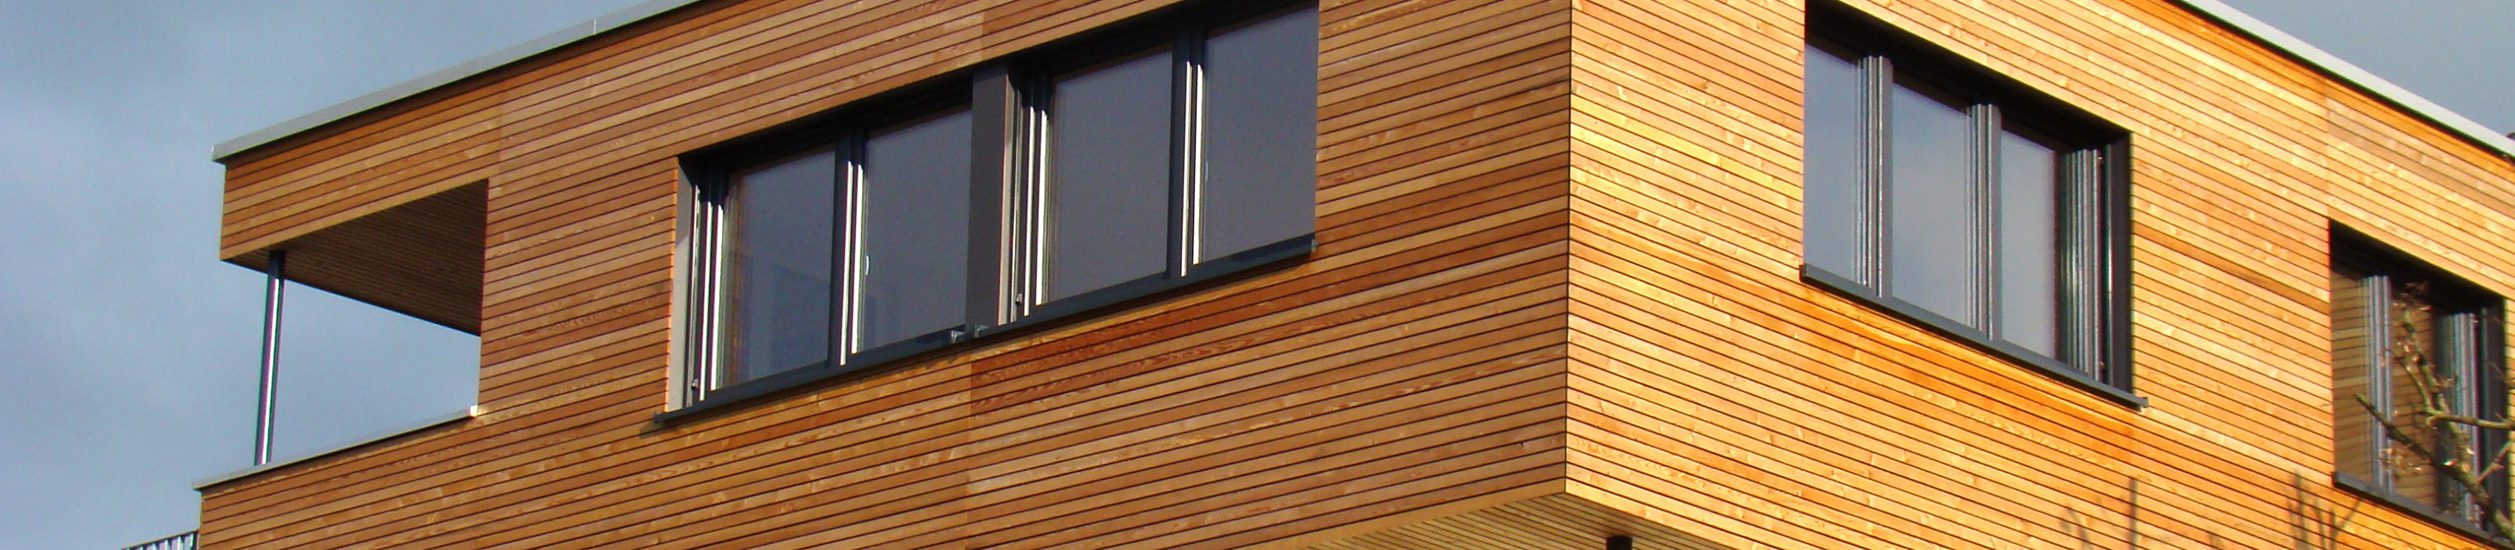 Aufstockung und Modernisierung eines Wohngebäudes in Lindau - Holbeinstraße